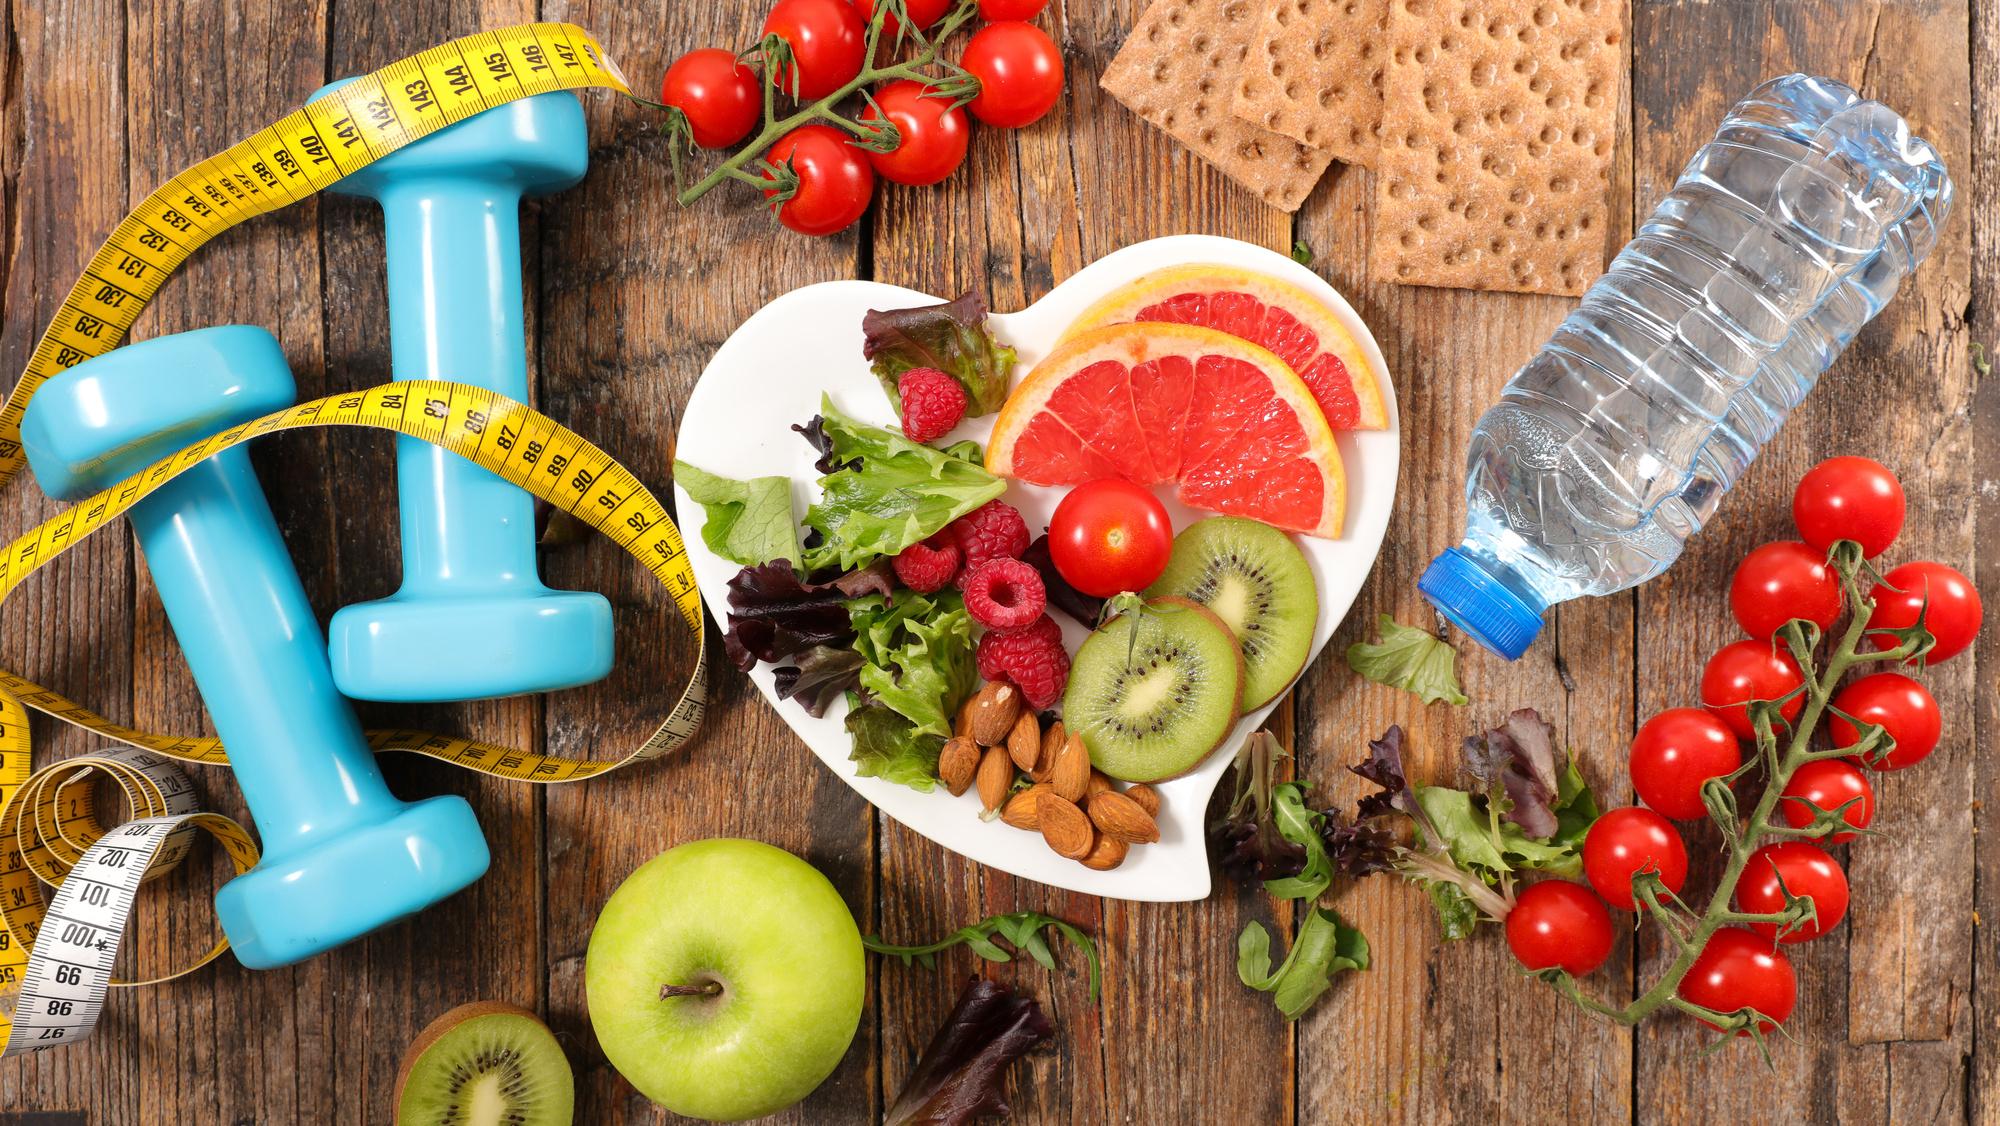 فرمول مصرف میوه و سبزیجات در مبتلایان به فشار خون